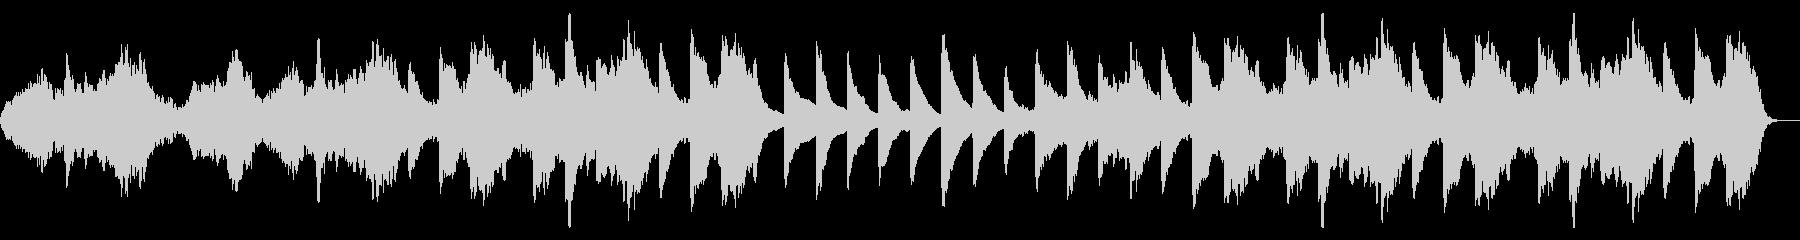 アンビエント環境音楽BGMの未再生の波形